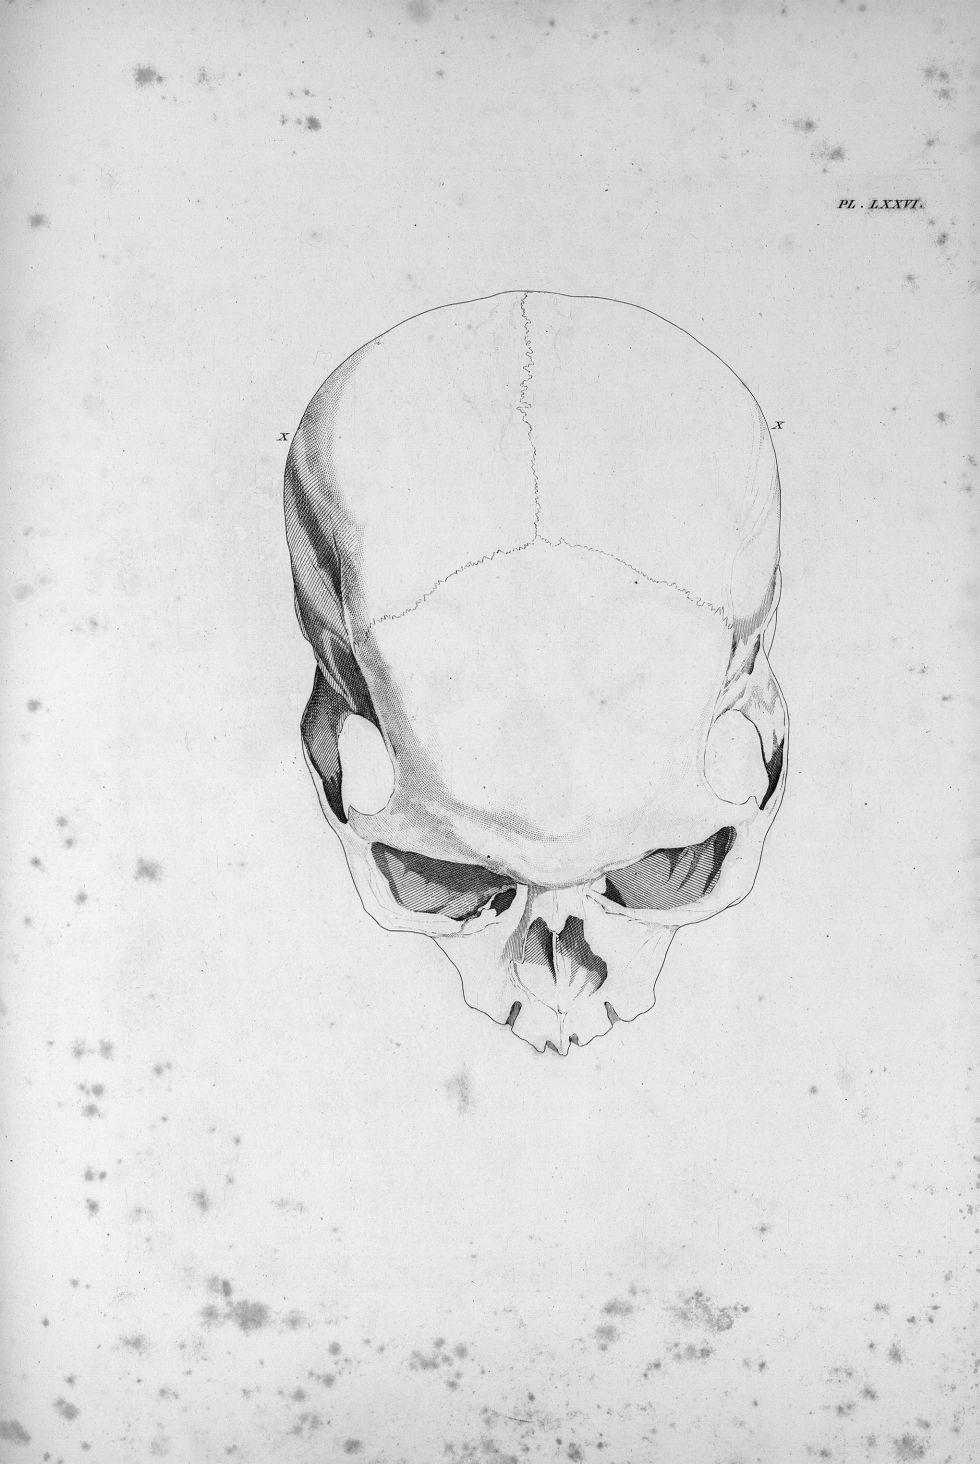 Pl. LXXVI. Modèle d'étourderie - Anatomie et physiologie du système nerveux en général et du cerveau [...] - Anatomie. Neurologie. Crânes. Phrénologie. 19e siècle (France) - med00575x03x0335